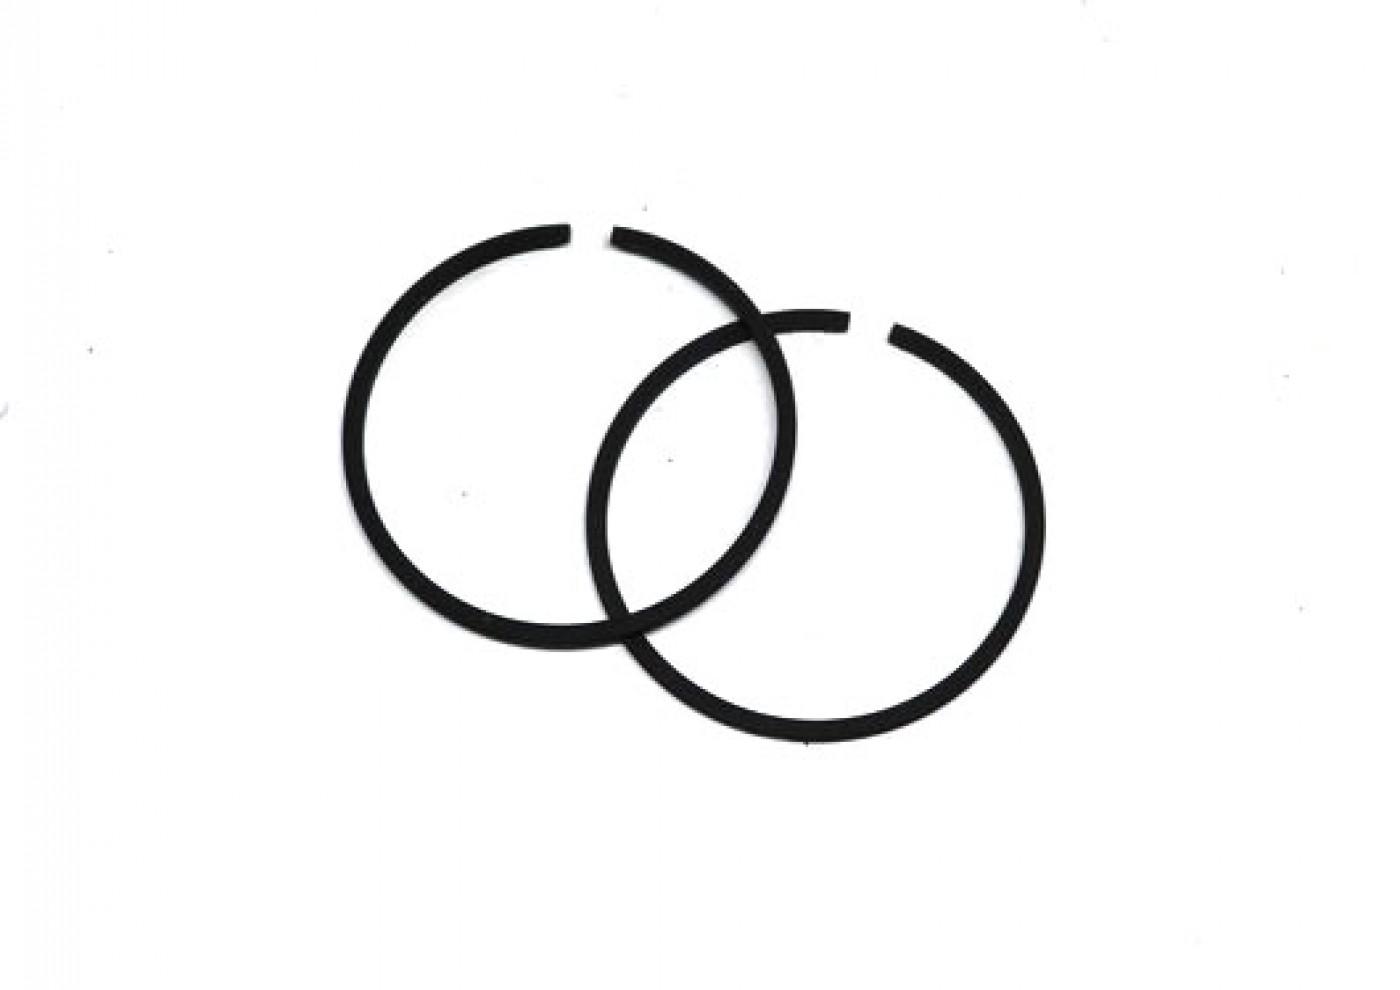 Sada pístních kroužků Stihl 44,7 mm x 1,2 mm